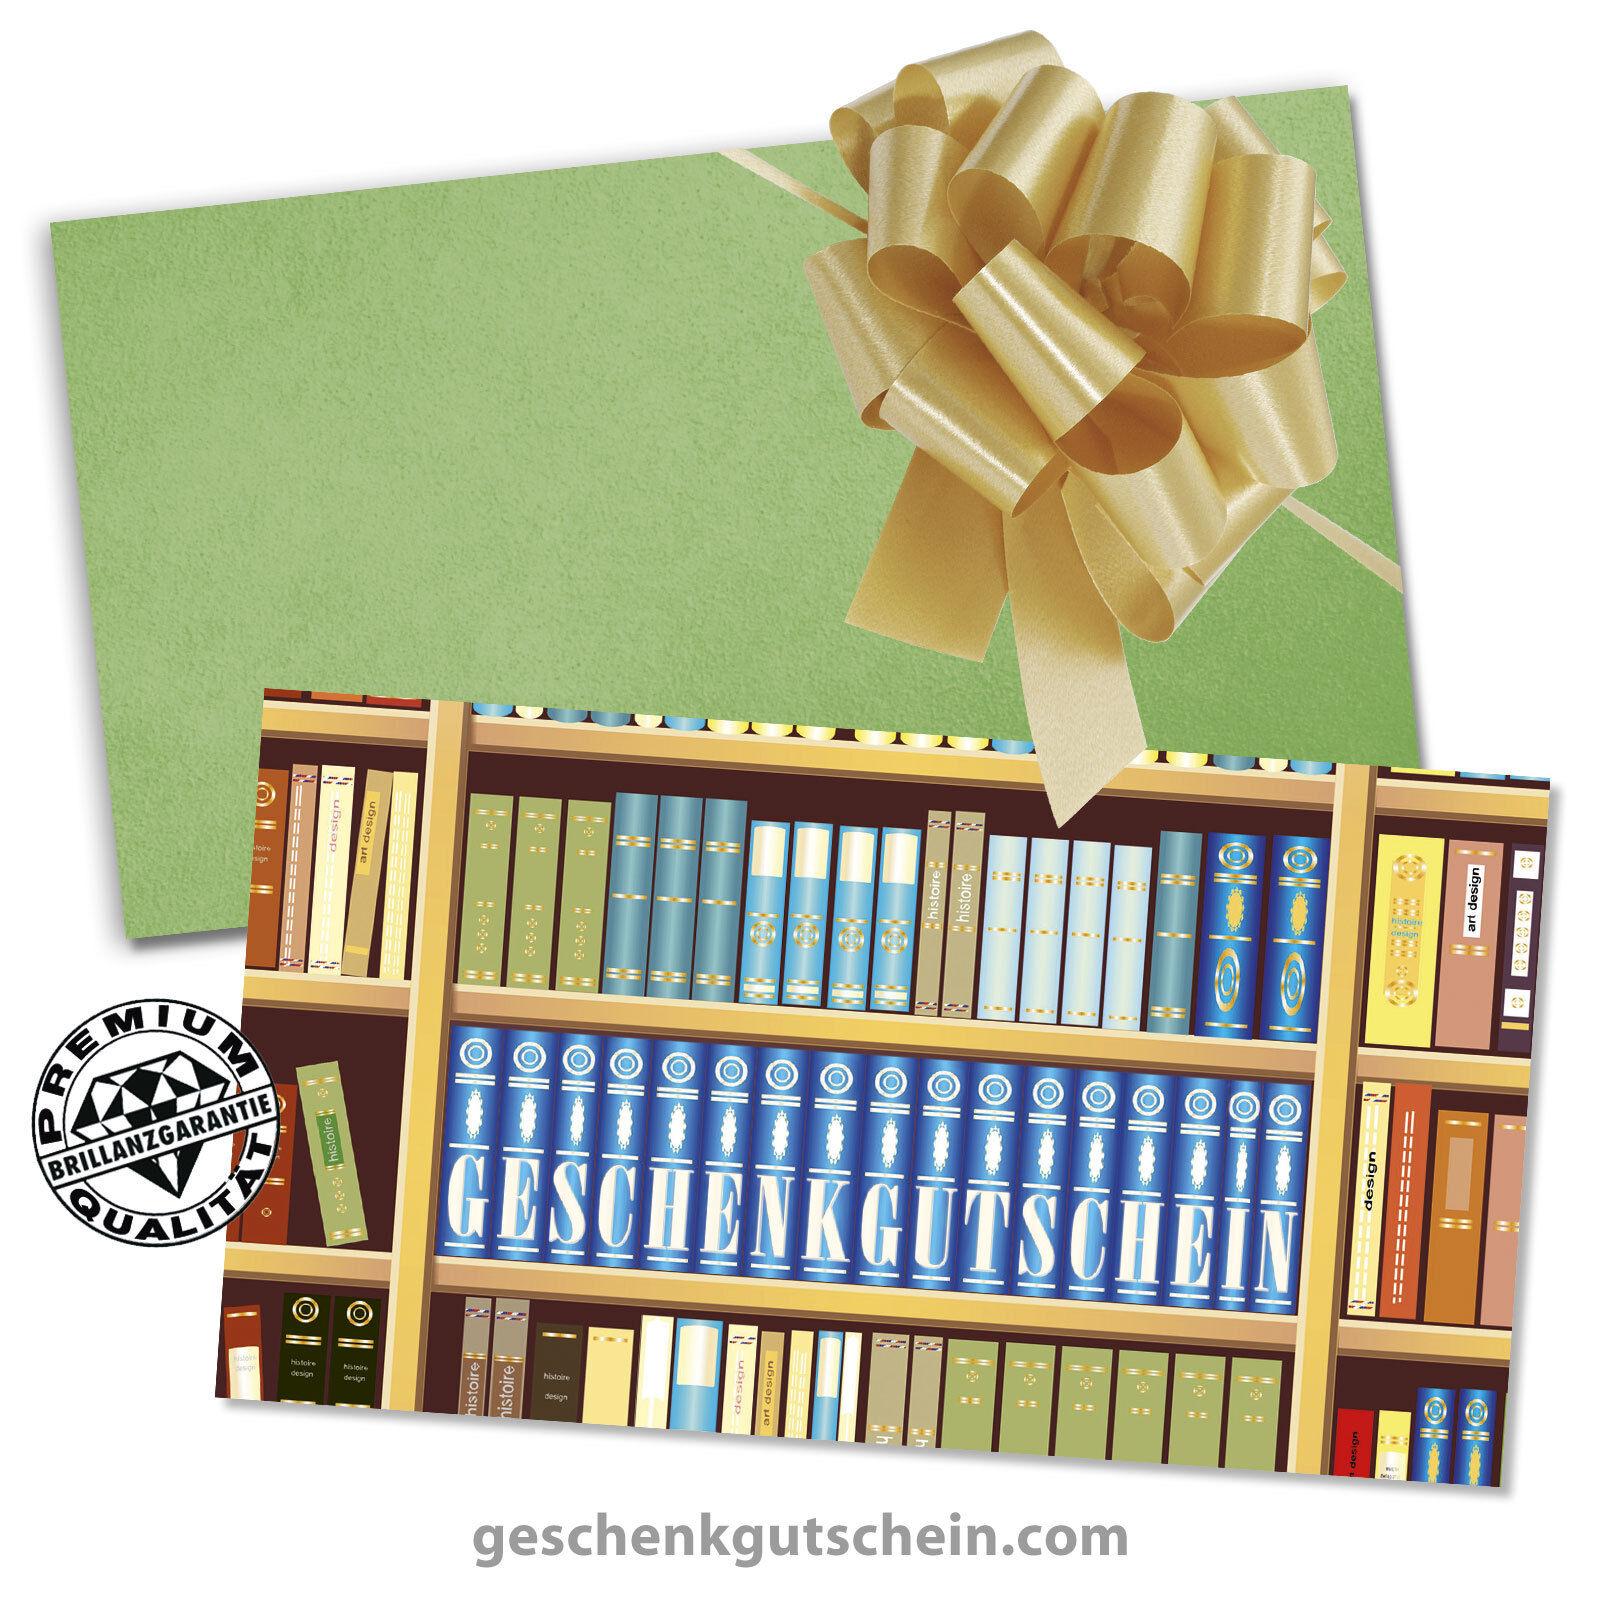 Gutscheinkarten mit KuGrüns und Schleifen für Buchhandlungen Bibliotheken BU1221 BU1221 BU1221 e2b1a2